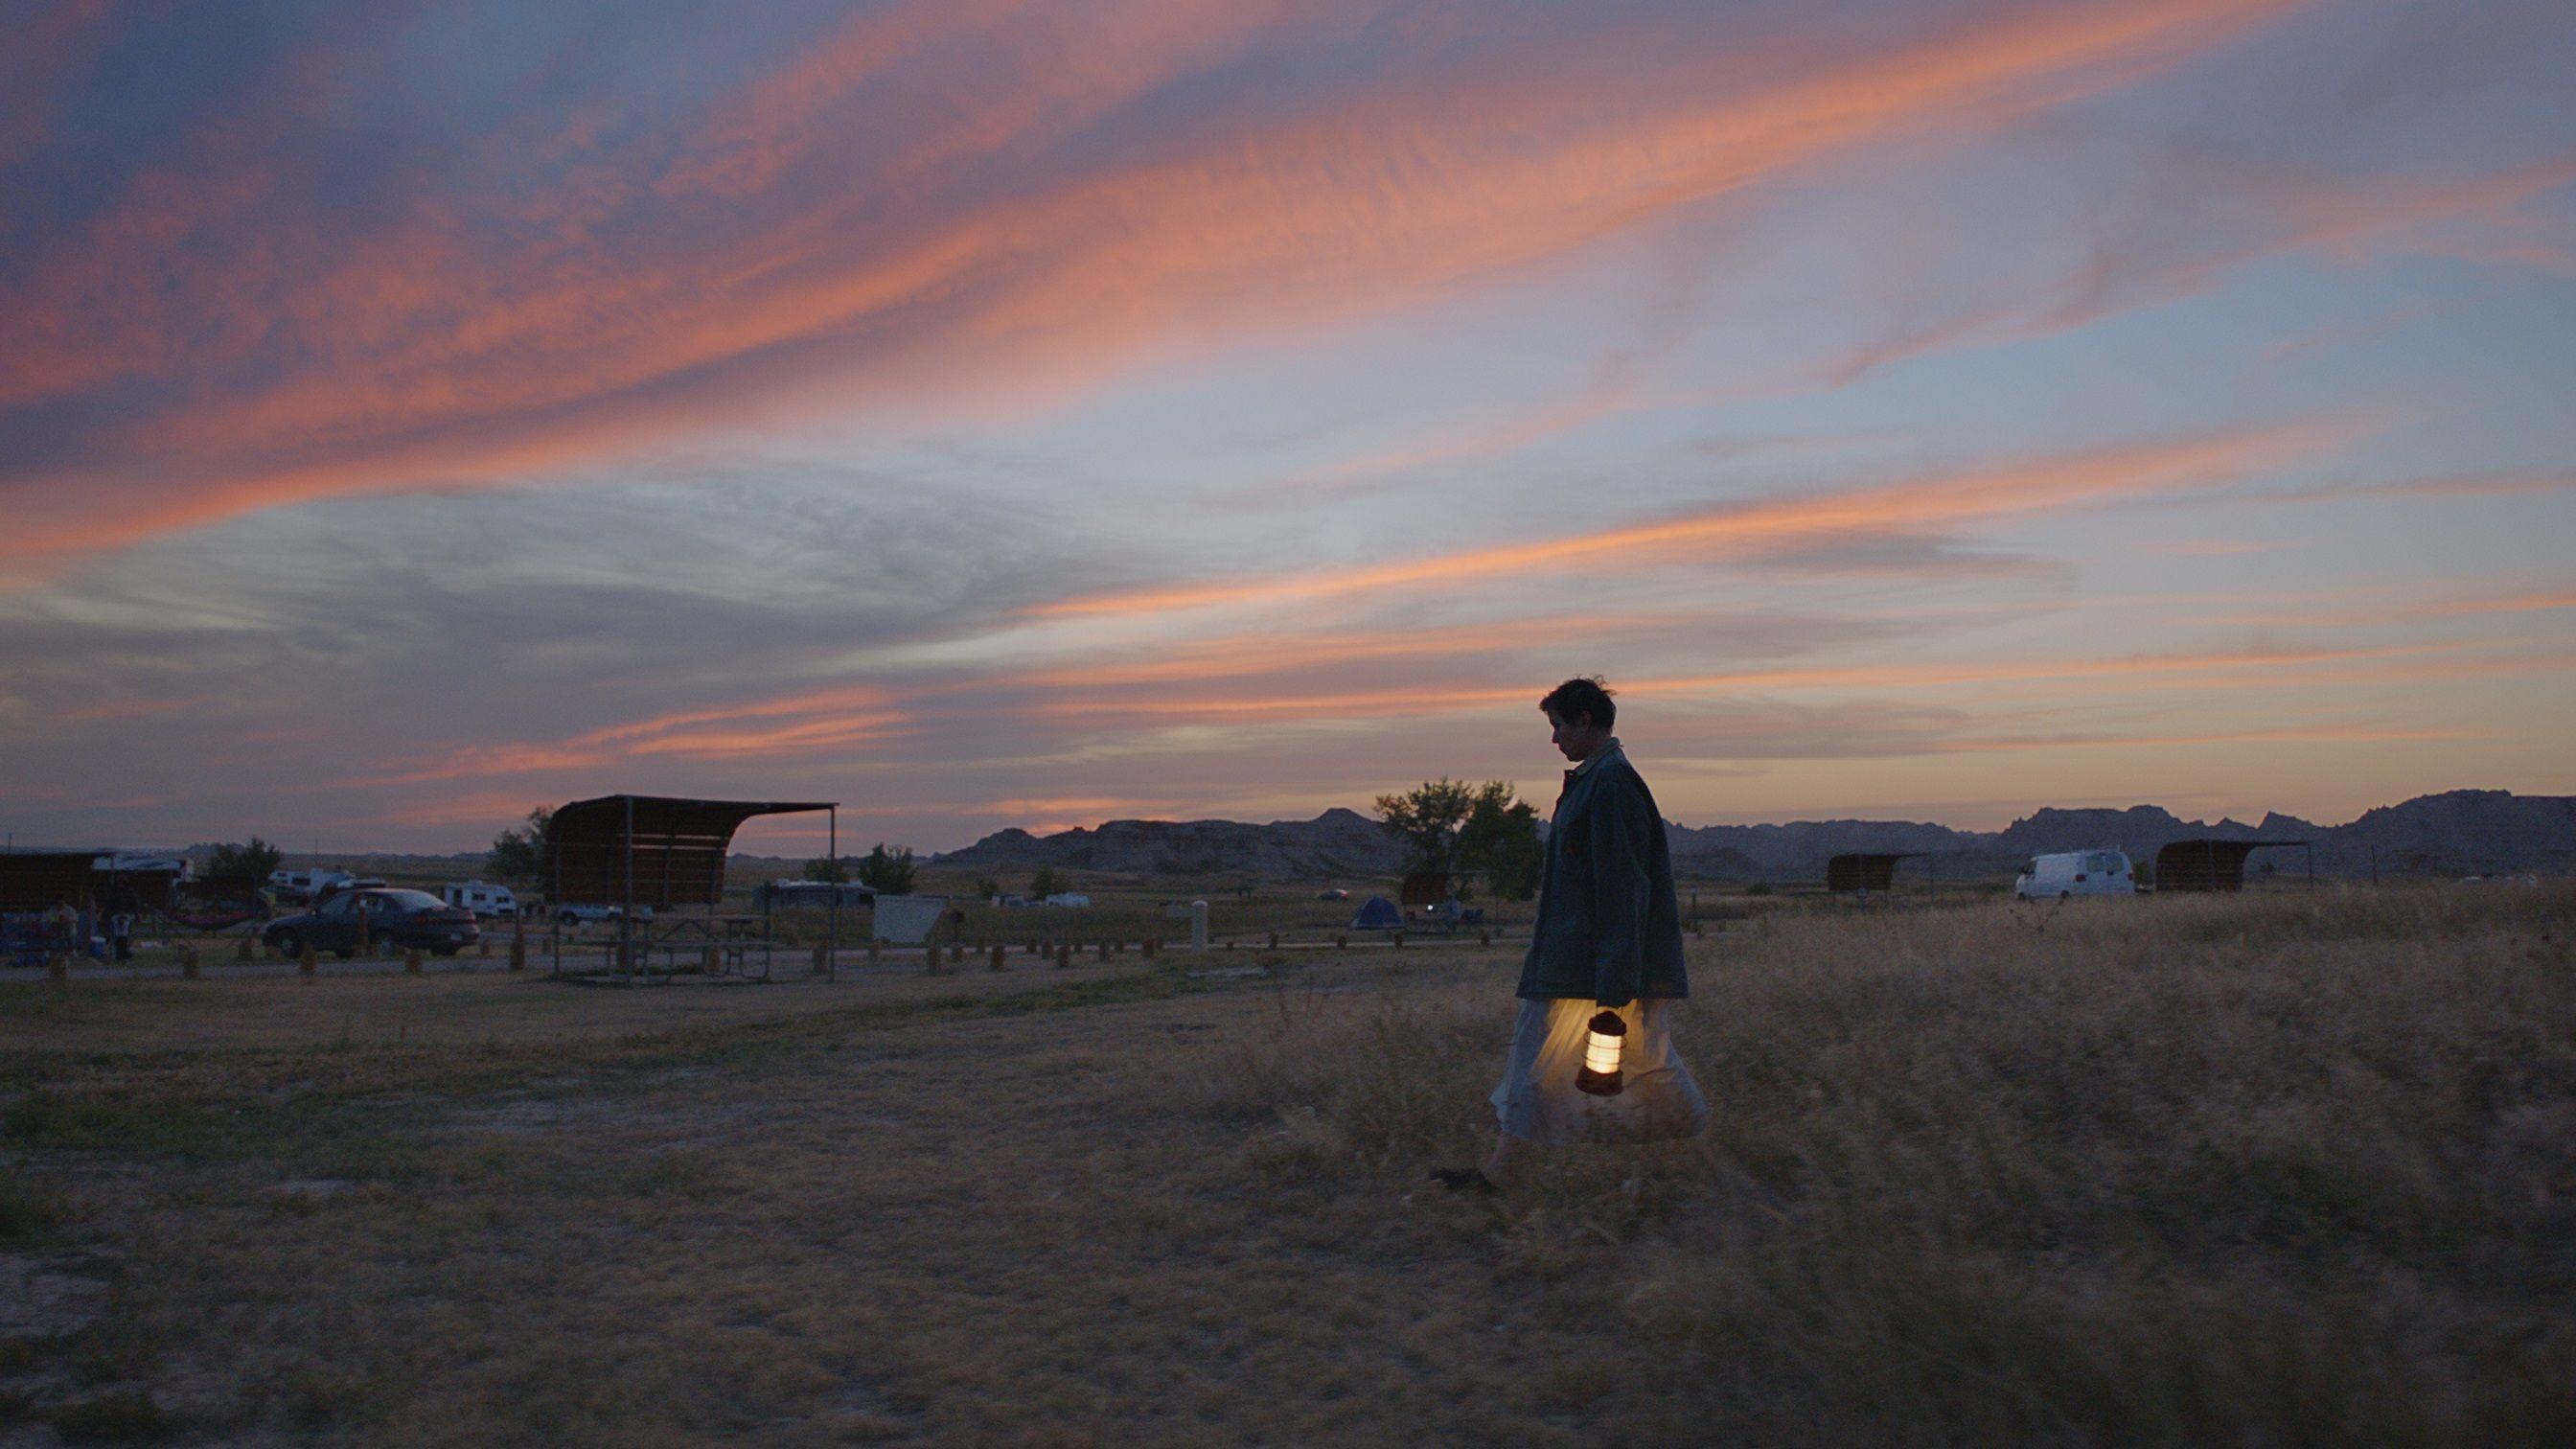 电影《游牧人生》是四海为家的旅行还是无家可归的流浪 (5)